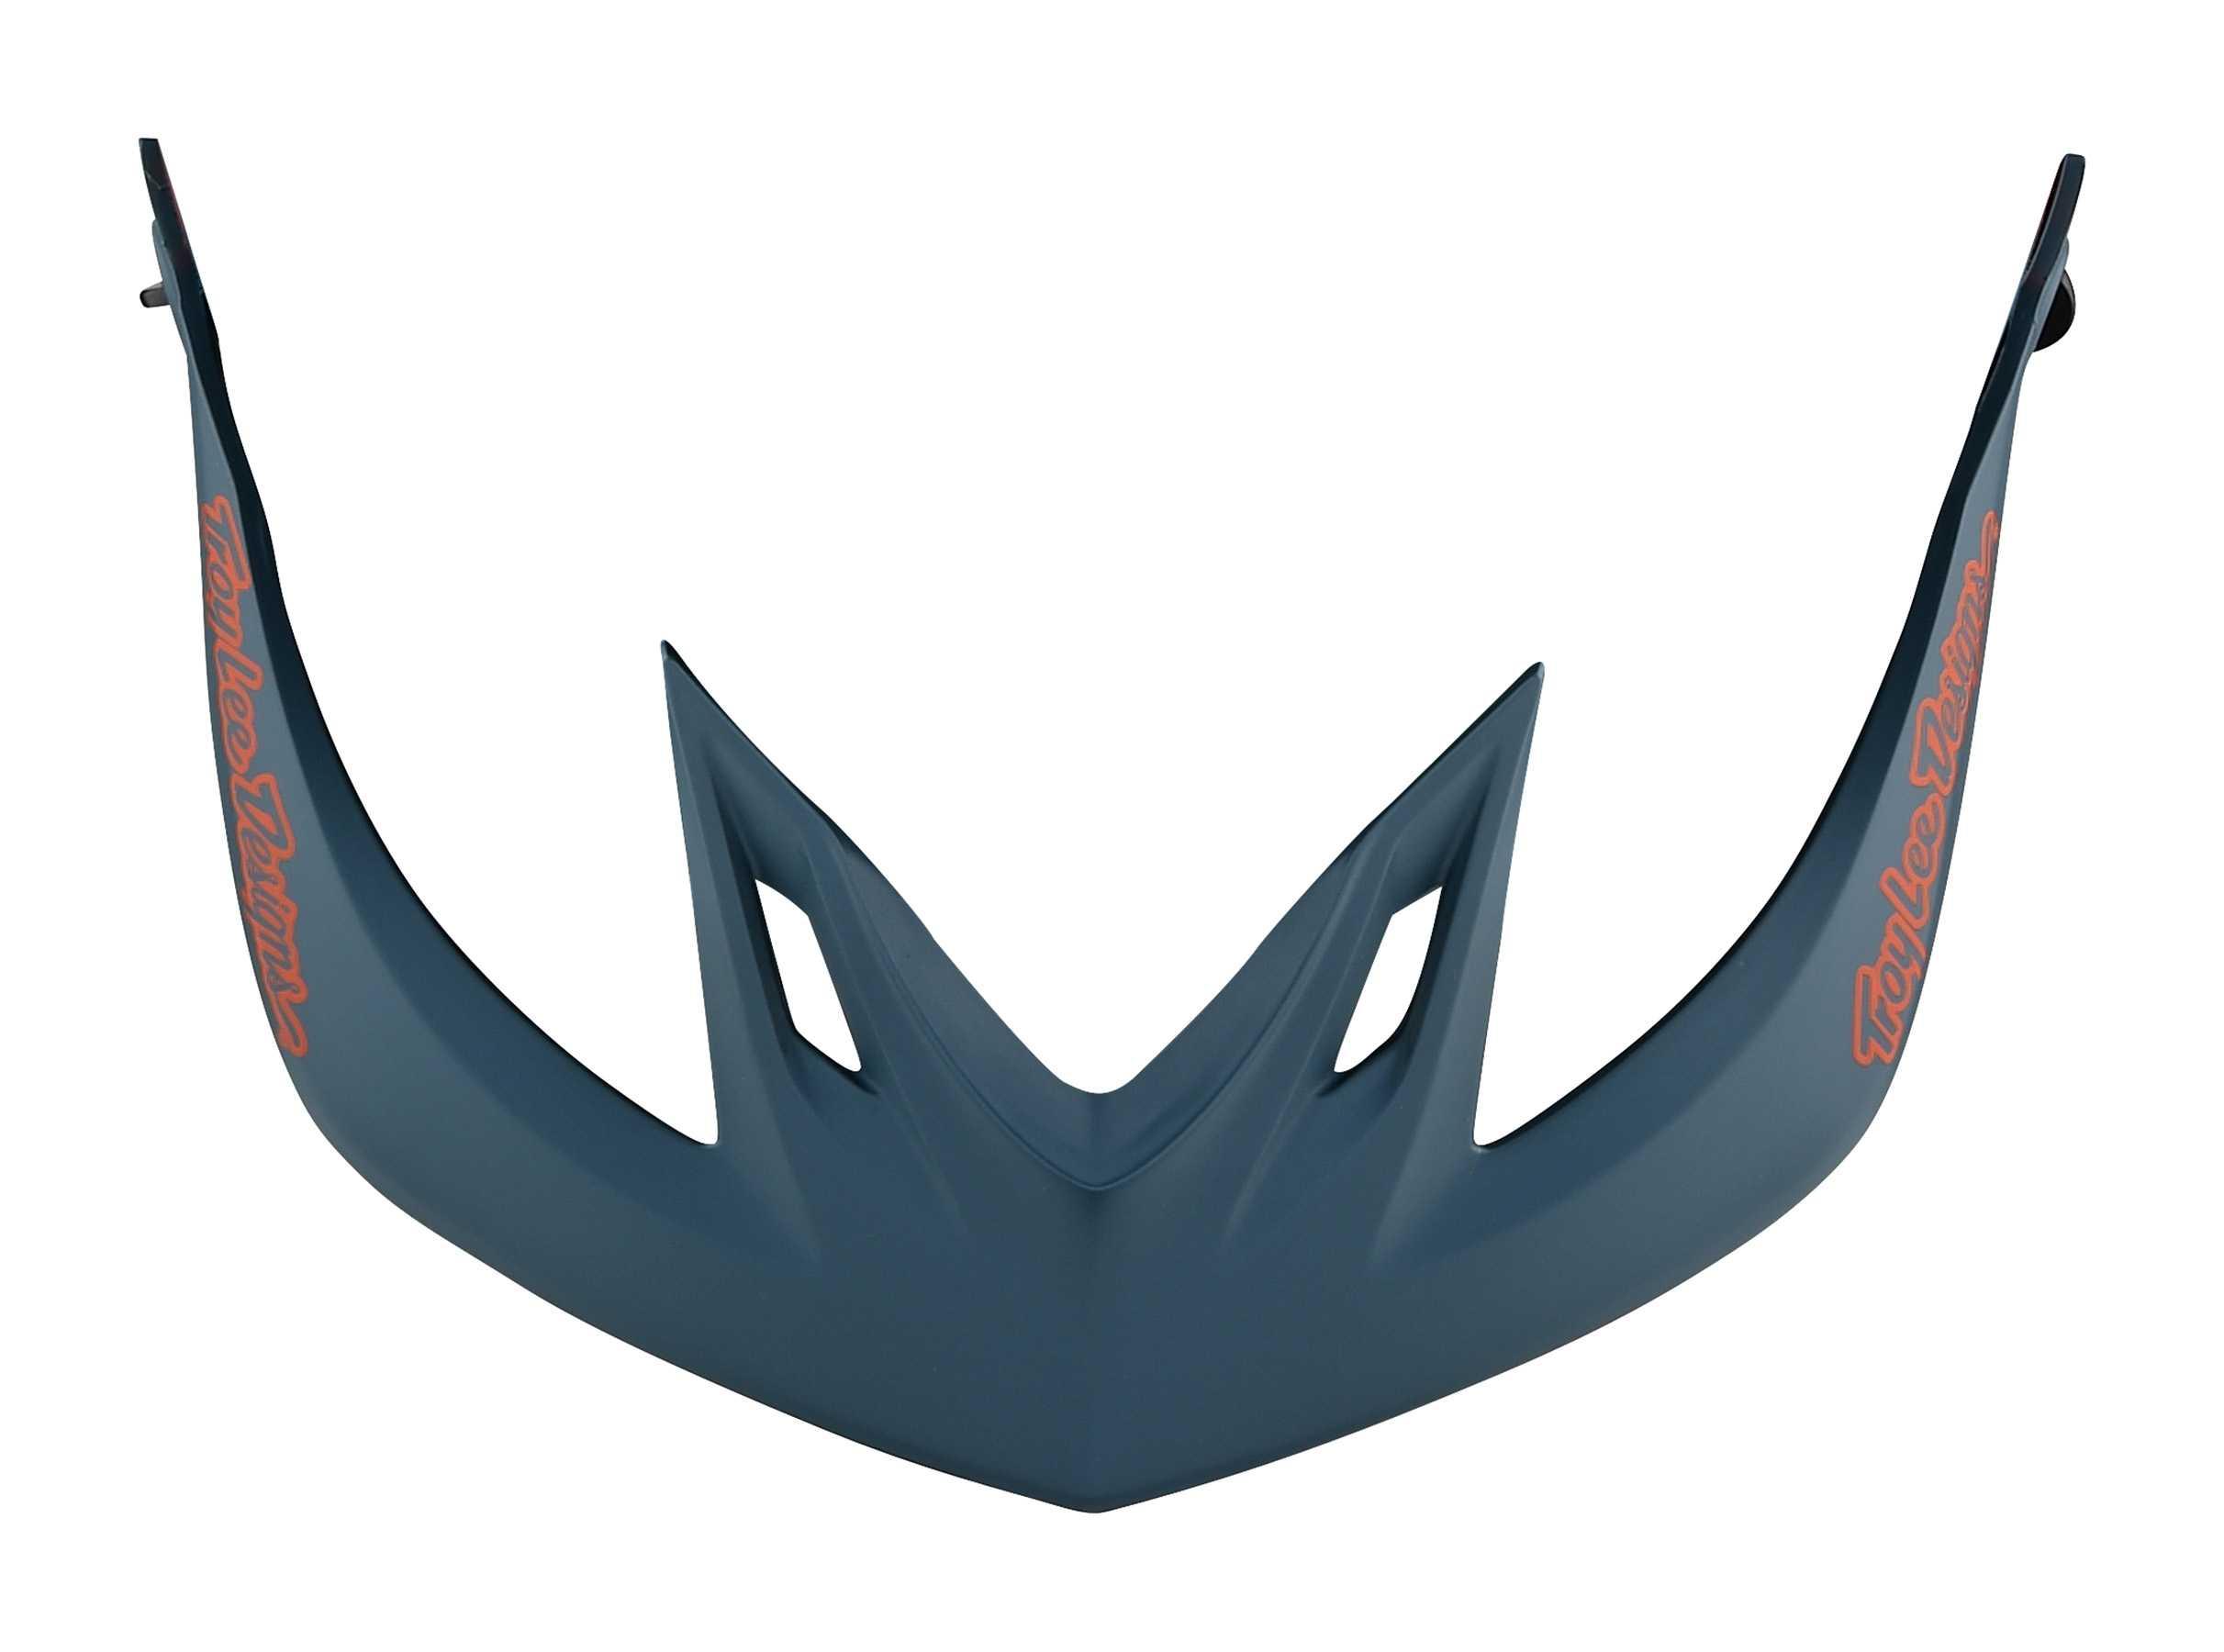 Skærm Troy Lee Designs A2 Decoy blå/rød | helmets_other_clothes